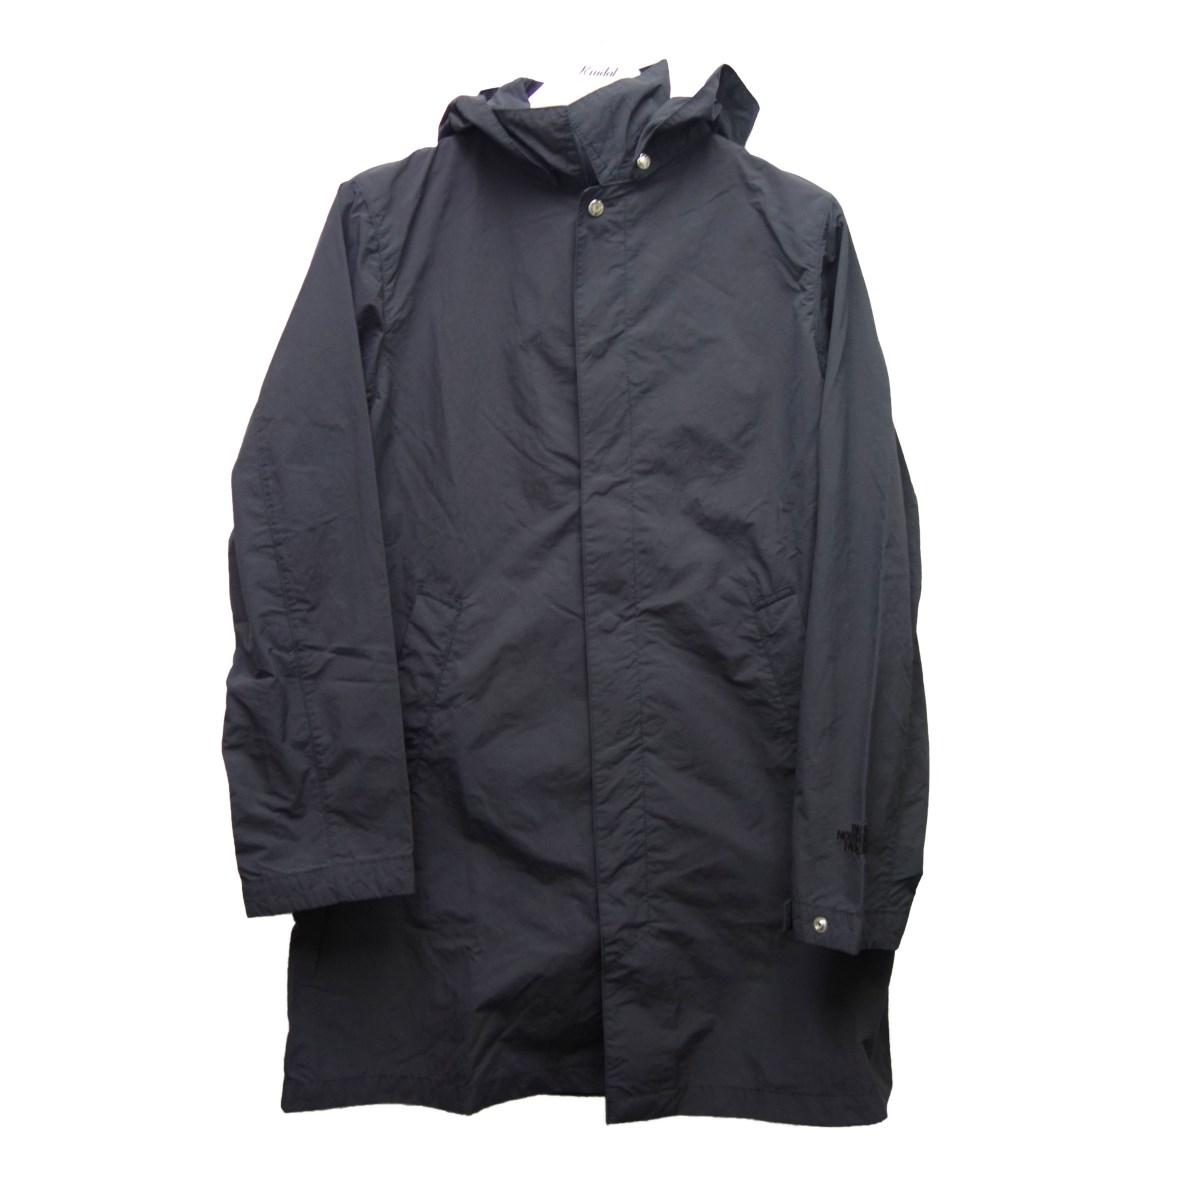 【中古】THE NORTH FACE 20SS 「Rollpack Journeys Coat」 ジャーニーズコート NP21863 アスファルトグレー サイズ:S 【290820】(ザノースフェイス)